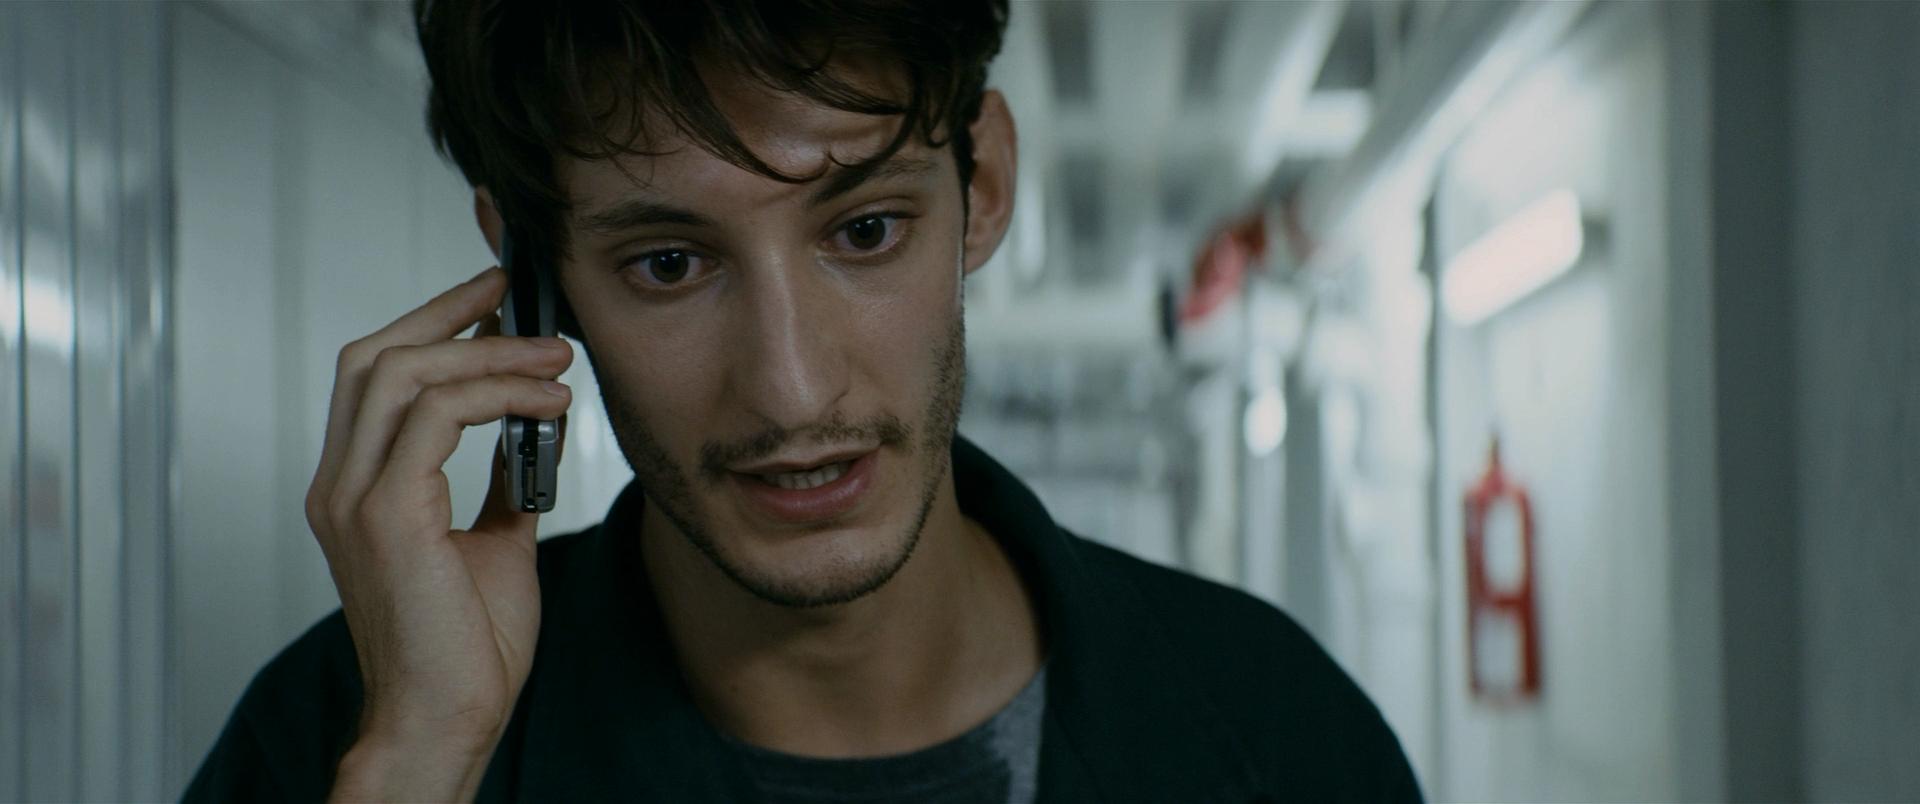 Идеальный мужчина (2015) ВDRip 1080р